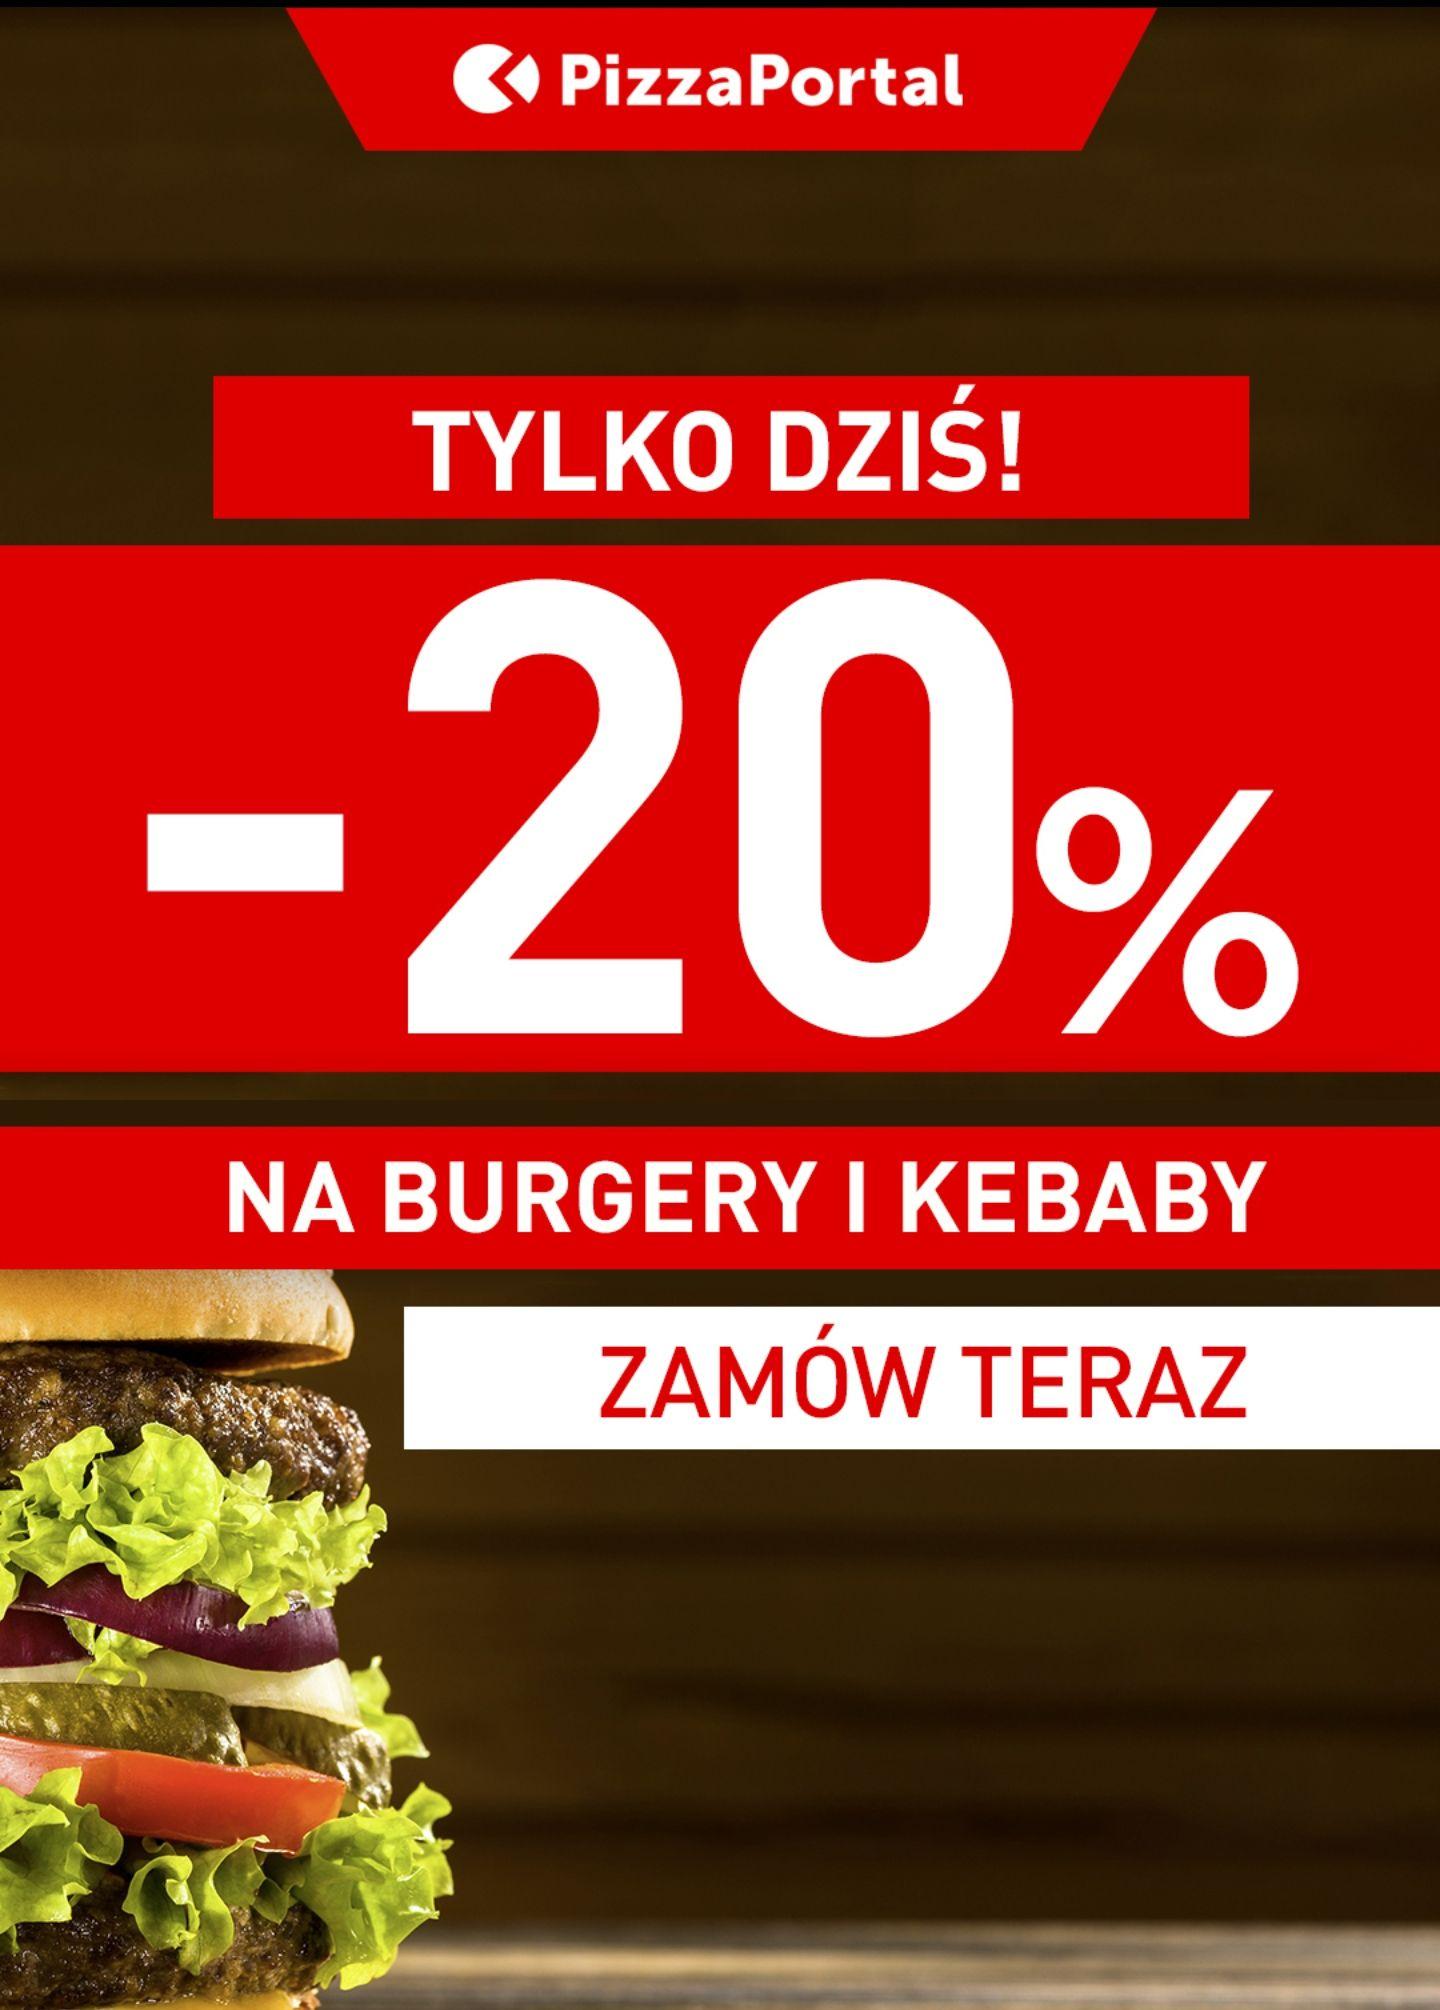 -20% na kababy i burgery na Pizza Portal